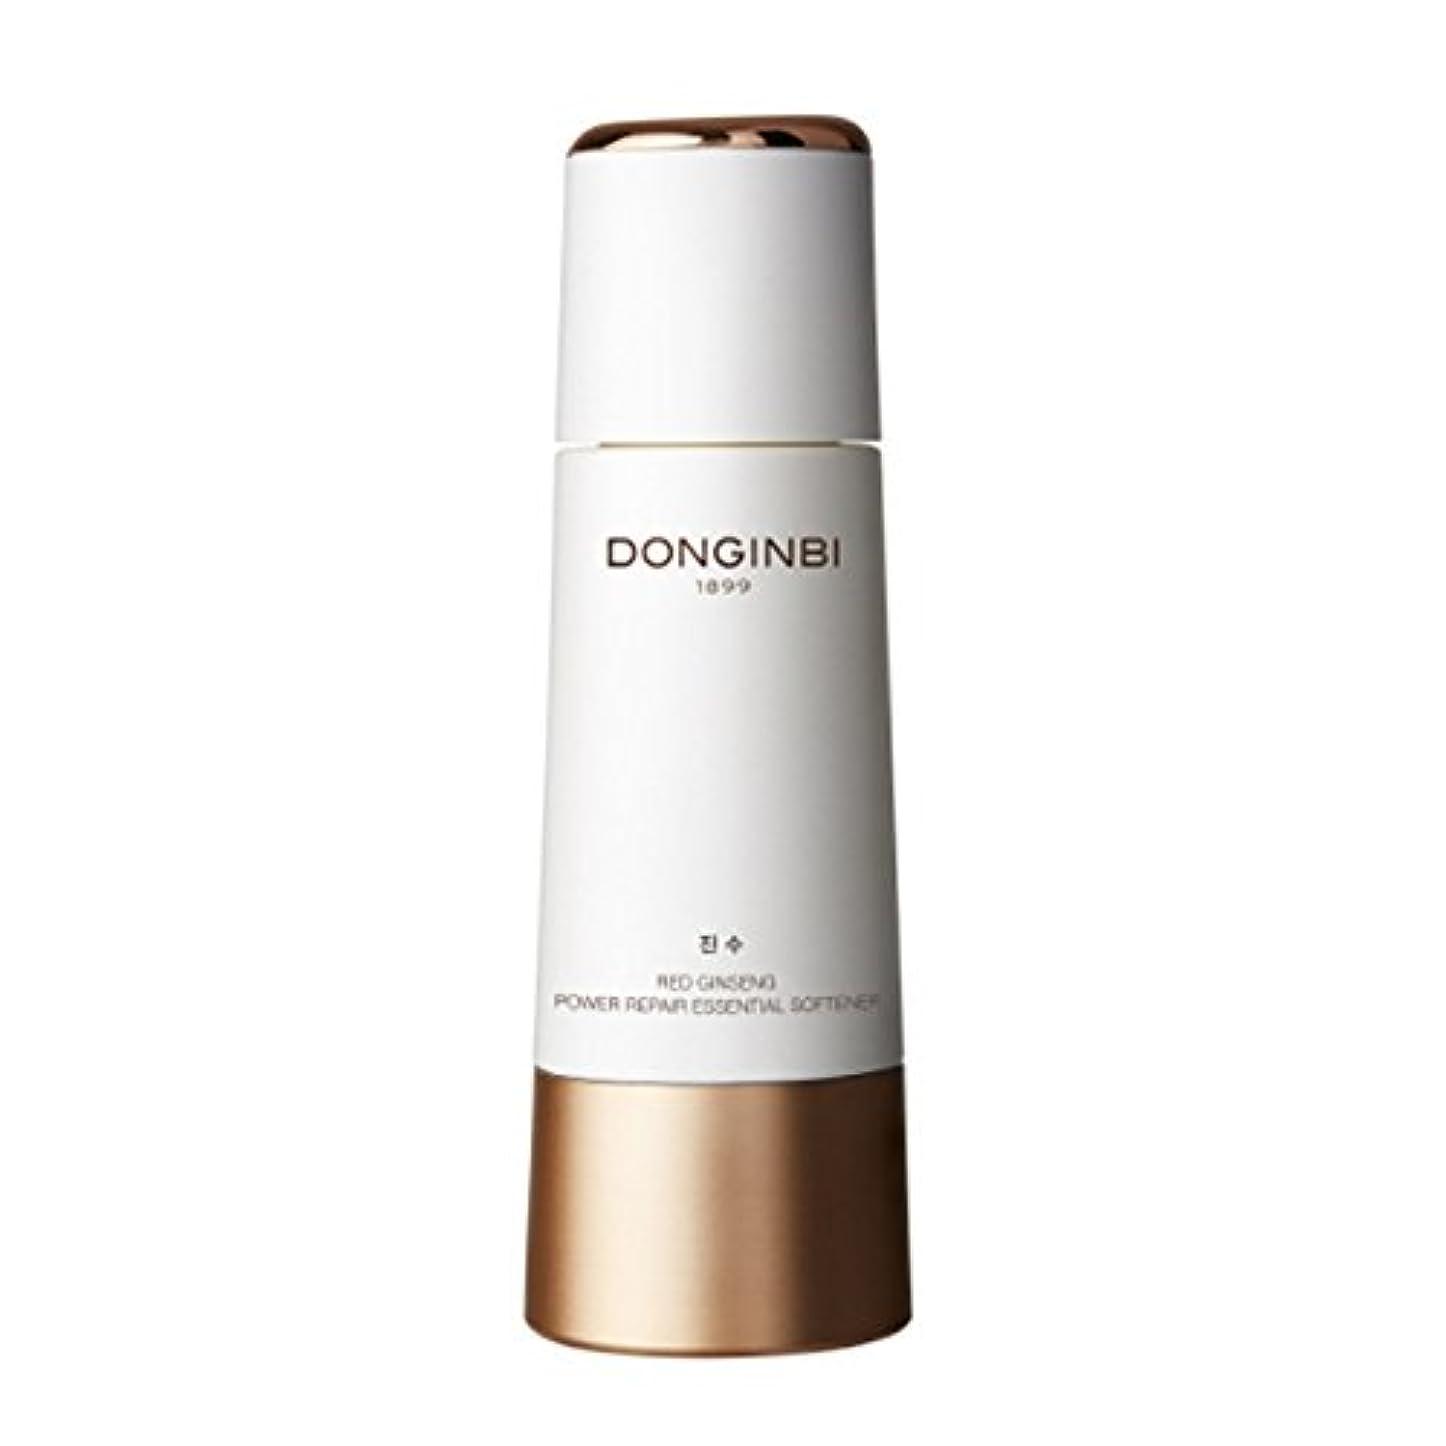 衝突する銛別の[ドンインビ]DONGINBI ドンインビ ジン化粧水 130ml 海外直送品 toner130ml [並行輸入品]